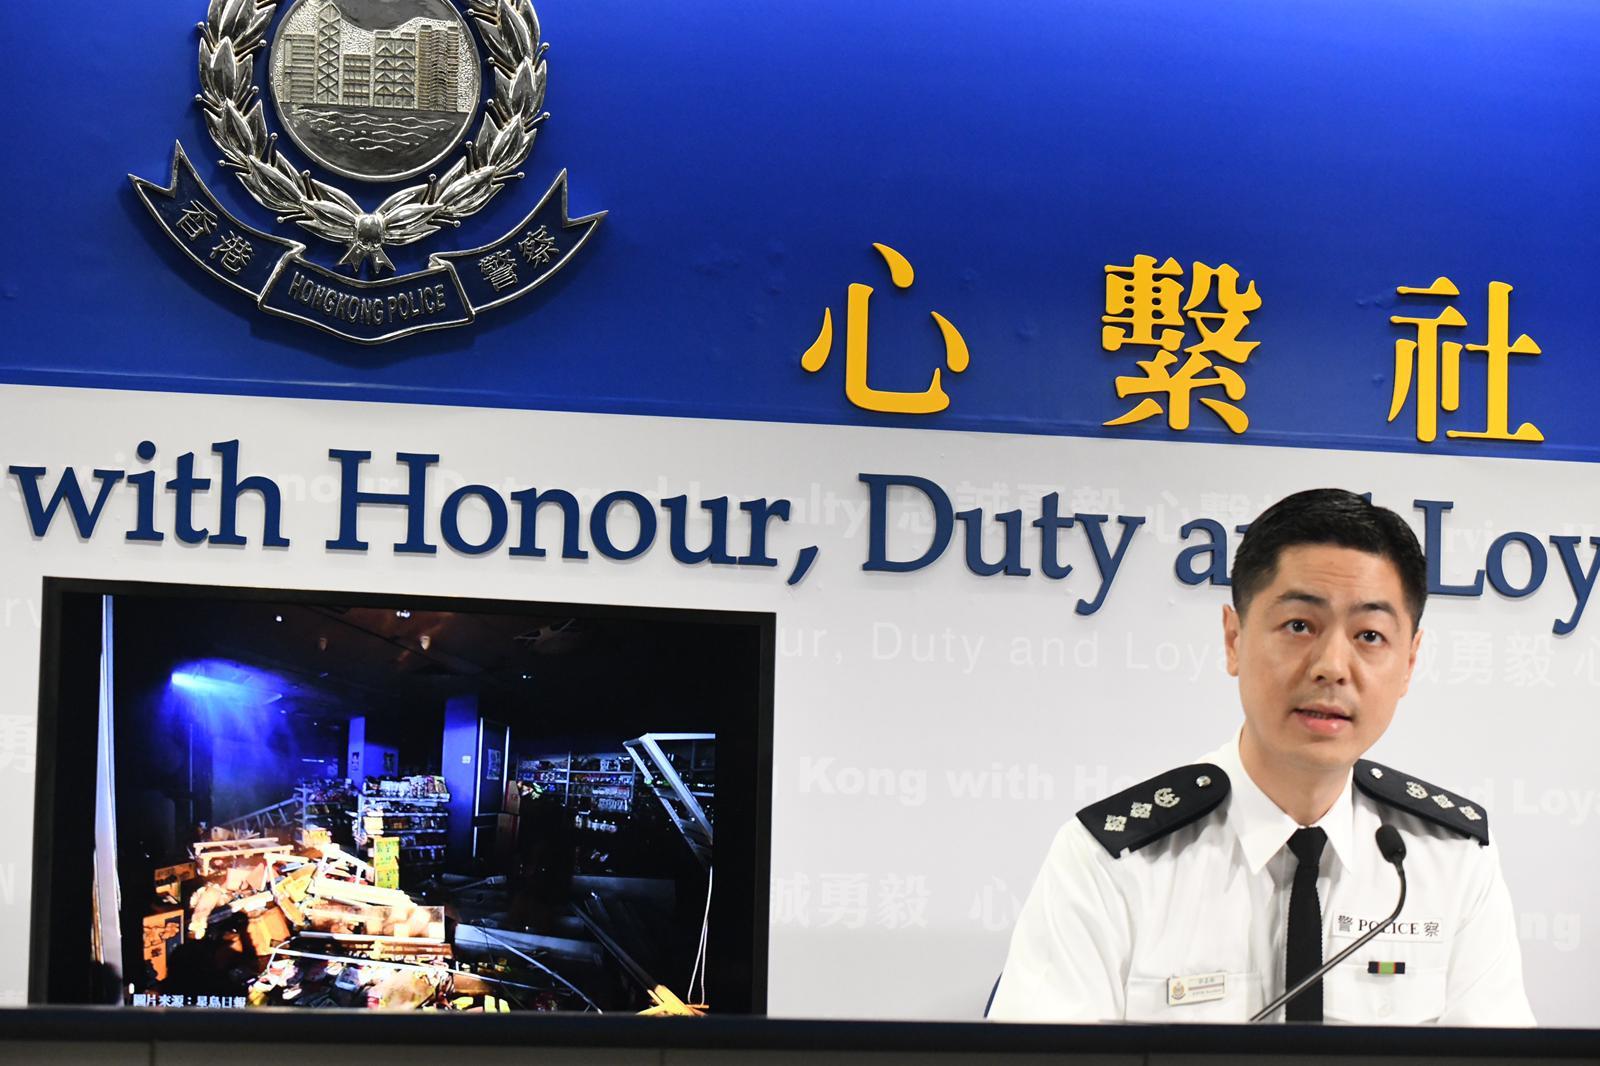 港警:有人煽动元旦前夜闹事 警方不会允许其得逞